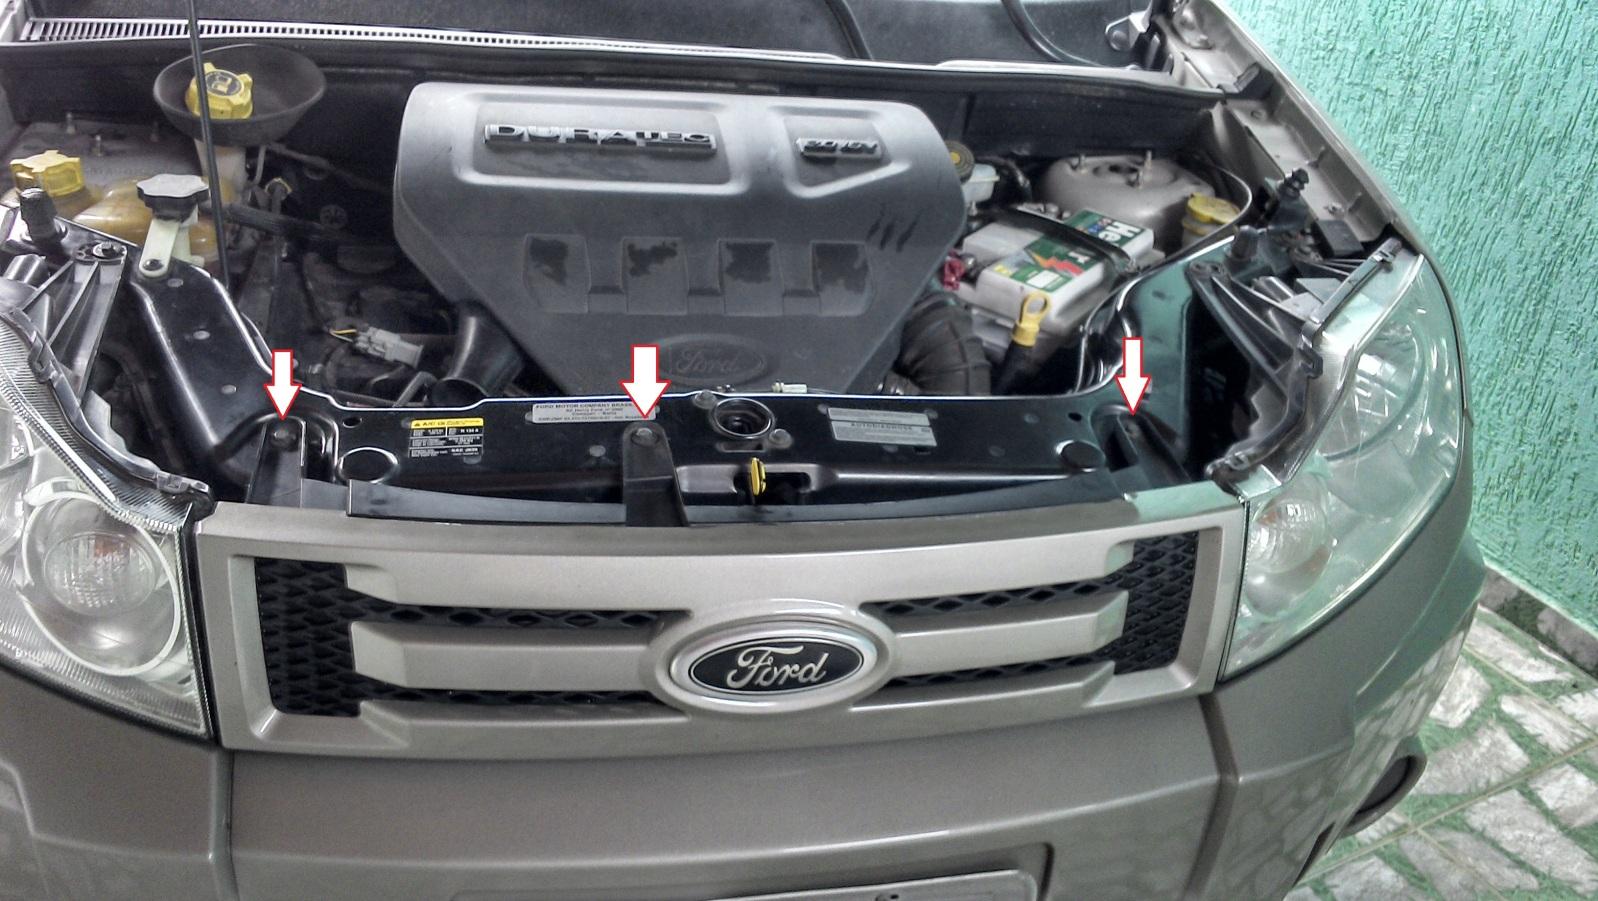 Retirar a grade dianteira do Ecosport 2012 modelo antigo 8y9h5x